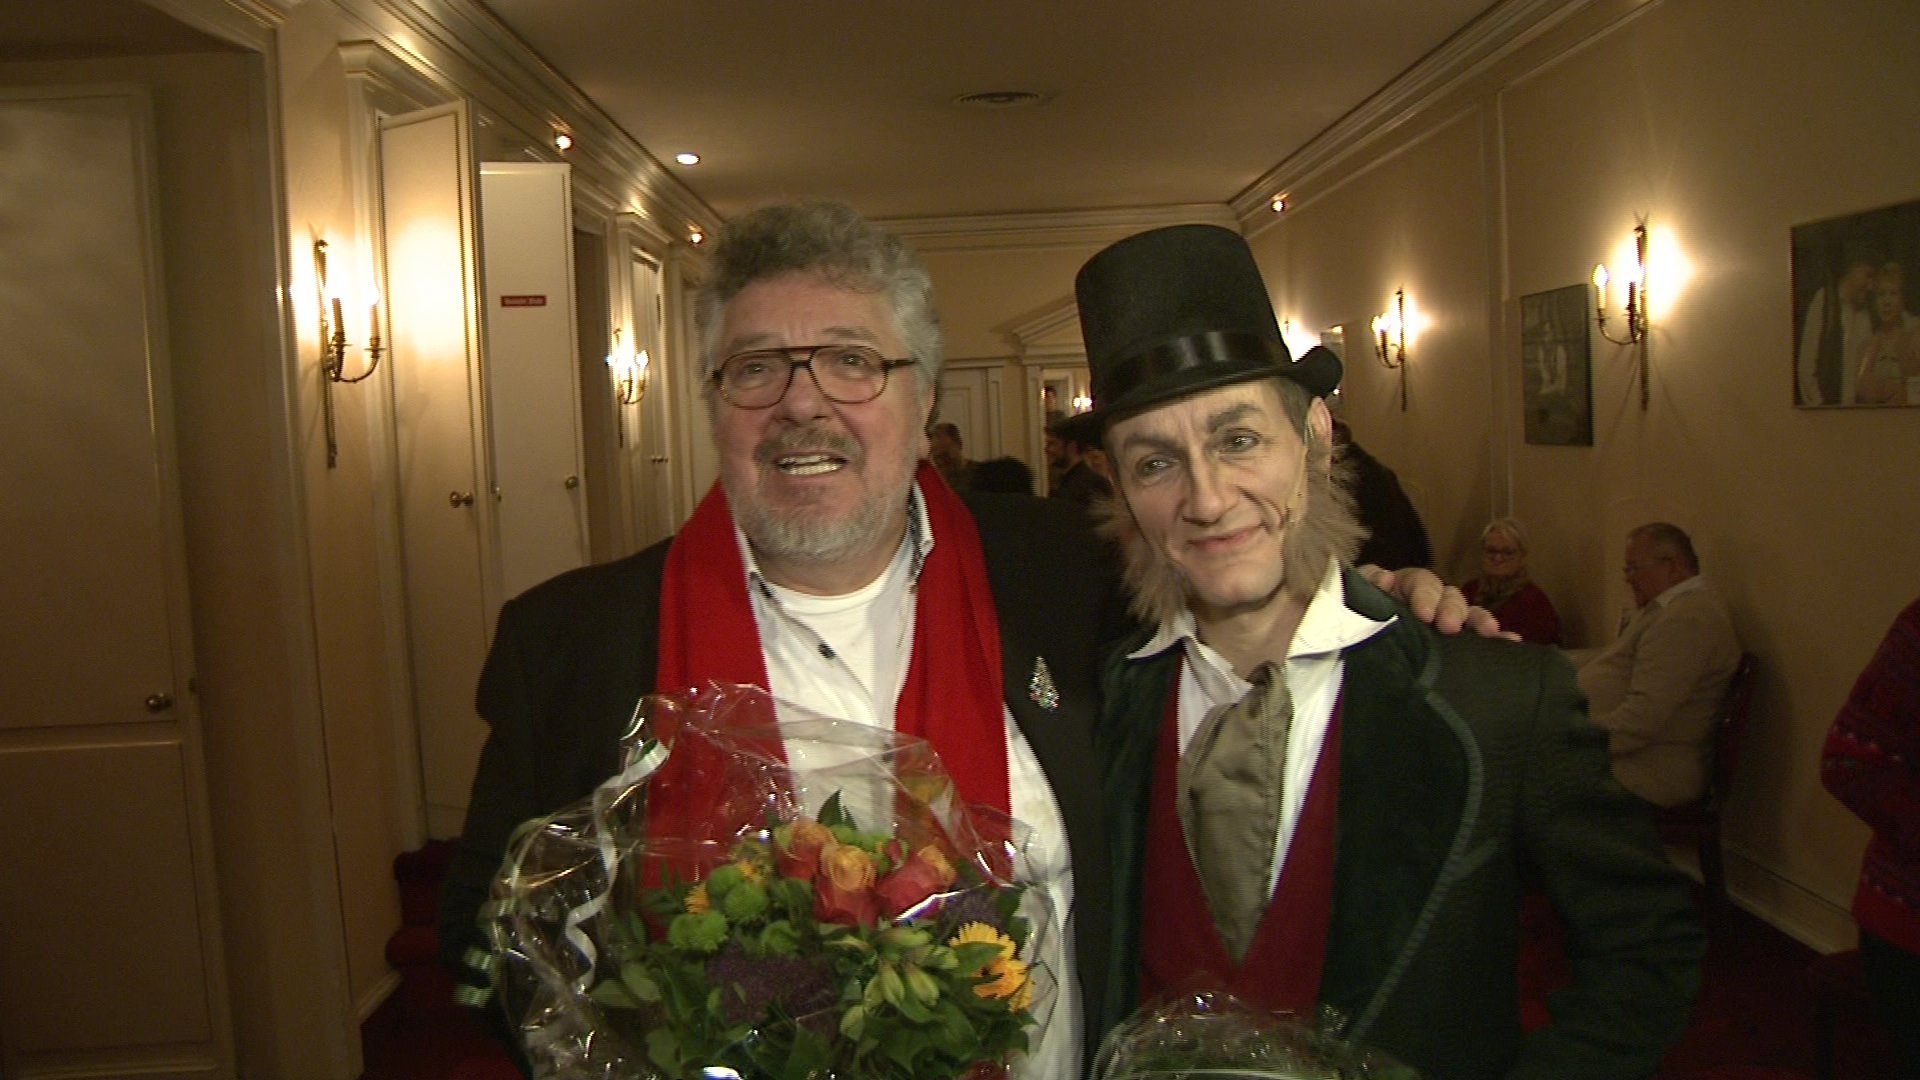 """Michael Schanze mit Ebenezer Scrooge bei der Premiere des Musicals """"Eine Weihnachtsgeschichte"""" in Berlin"""